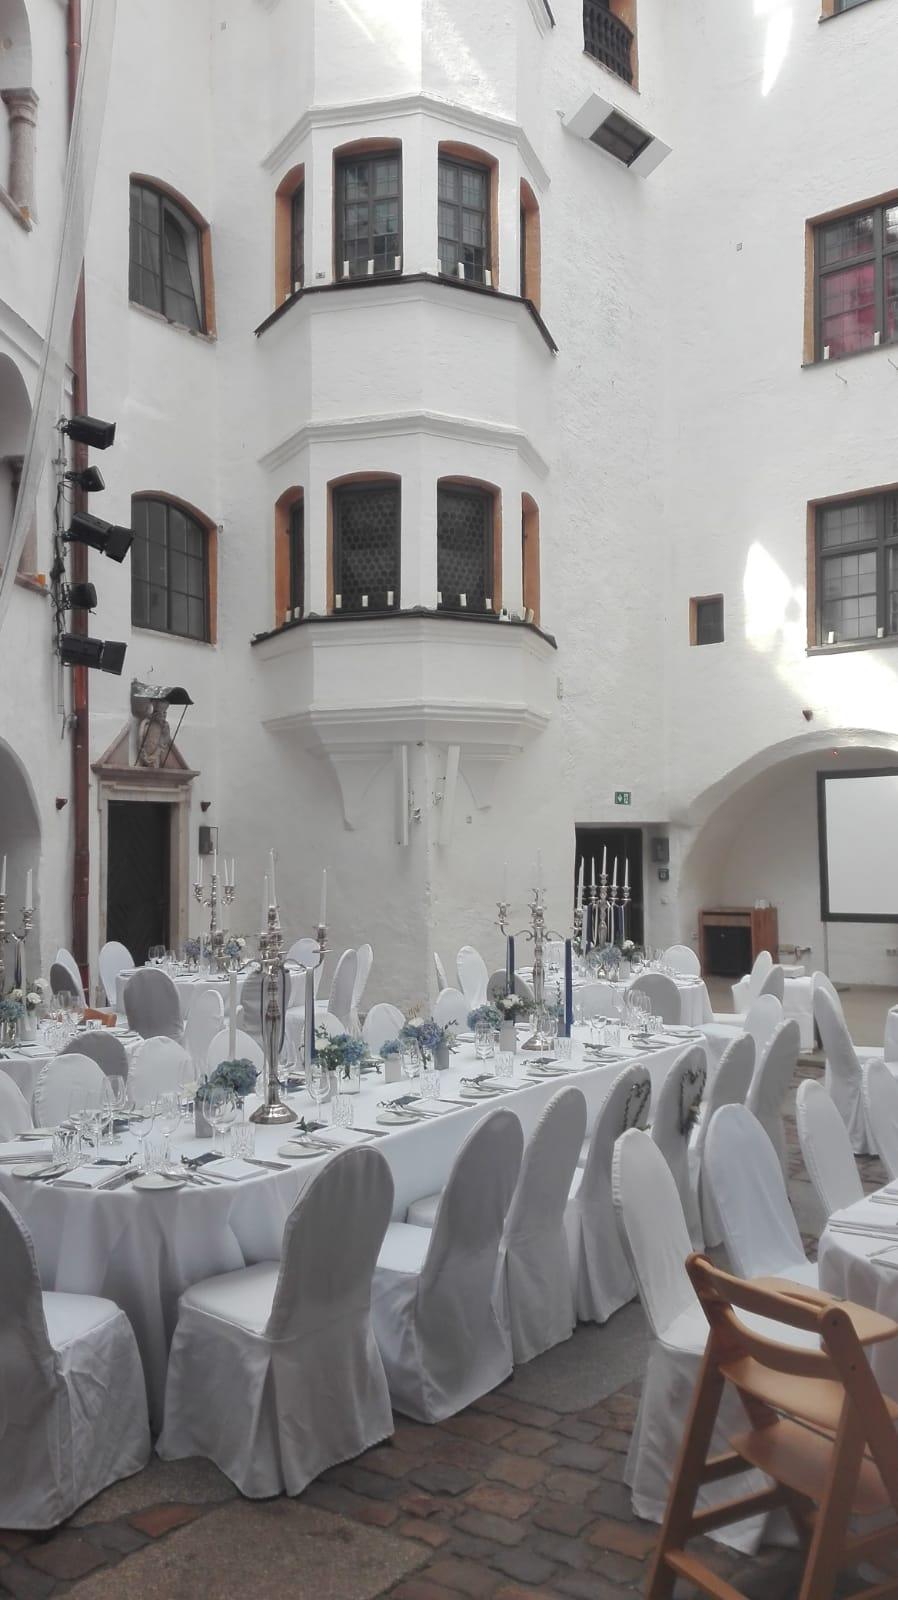 Der Festsaal im Schloss Amerang